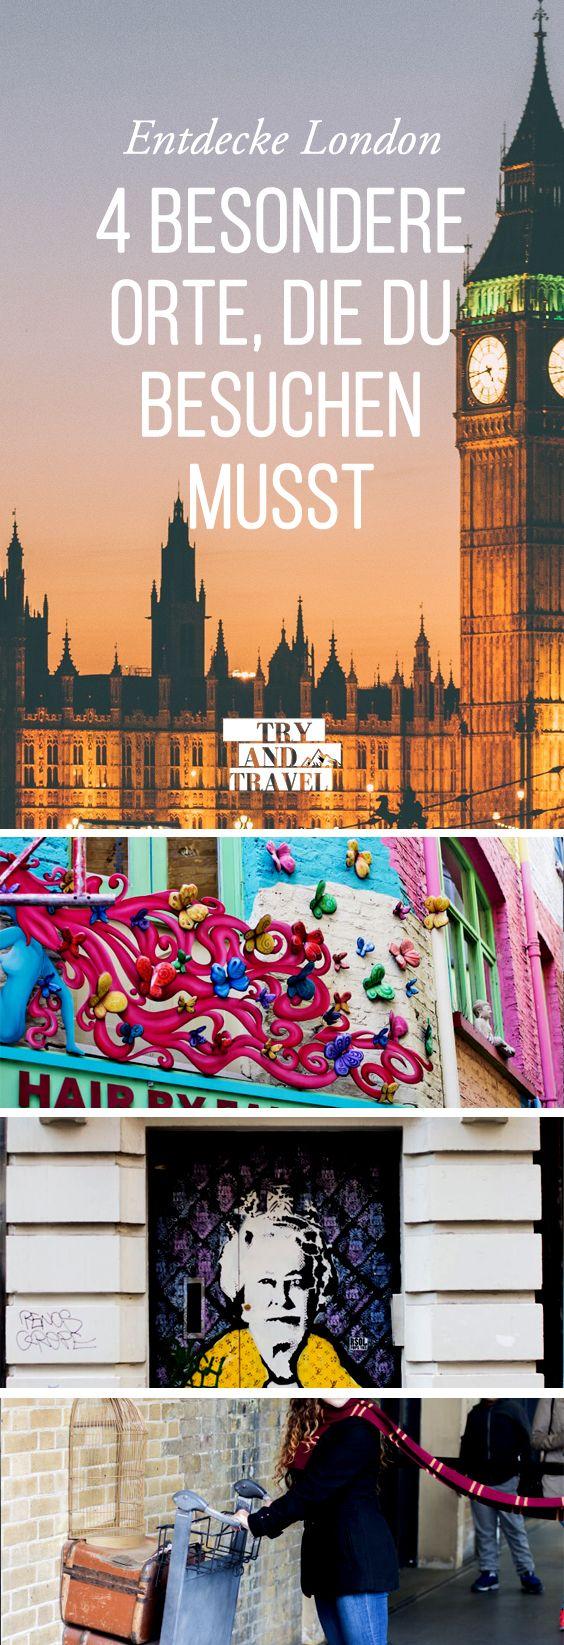 Das etwas andere London! 4 ganz besondere Orte zum Entdecken!